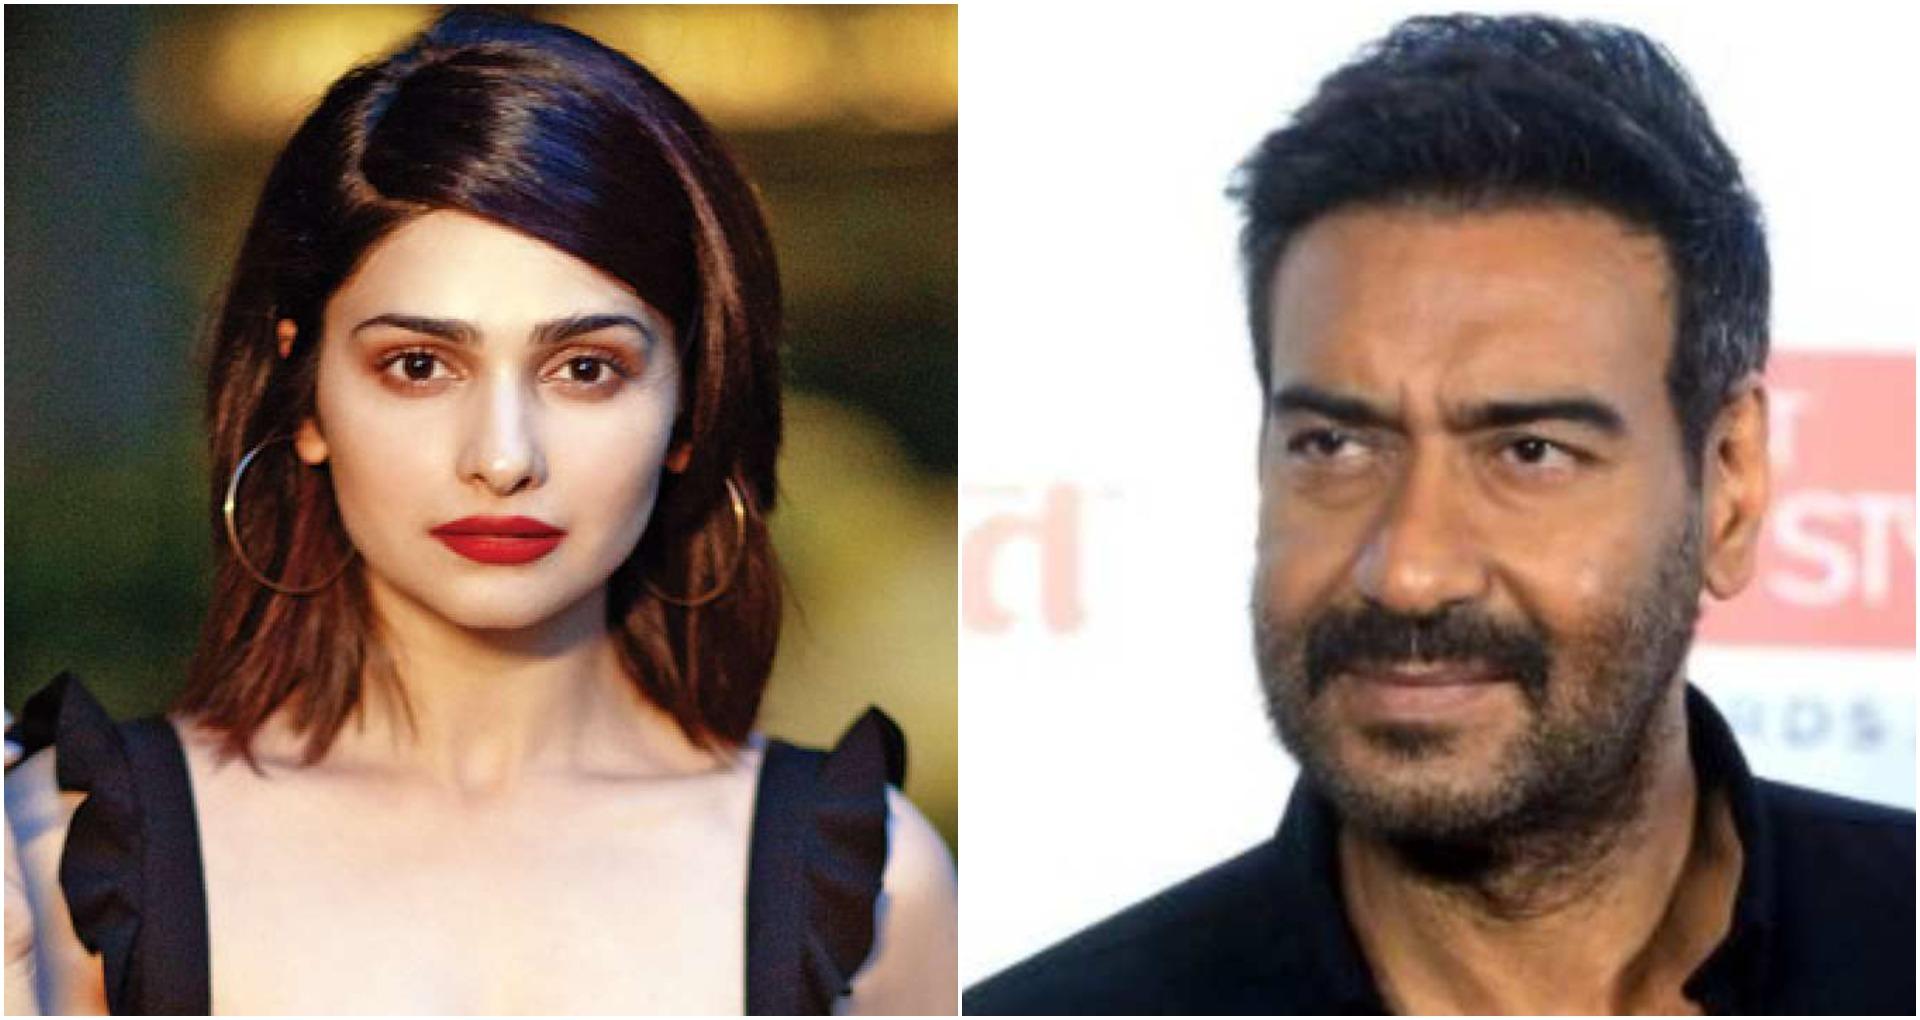 प्राची देसाई ने अजय देवगन के 'बोल बच्चन' ट्वीट पर कसा जोरदार तंज, ट्वीट हो रहा है Viral